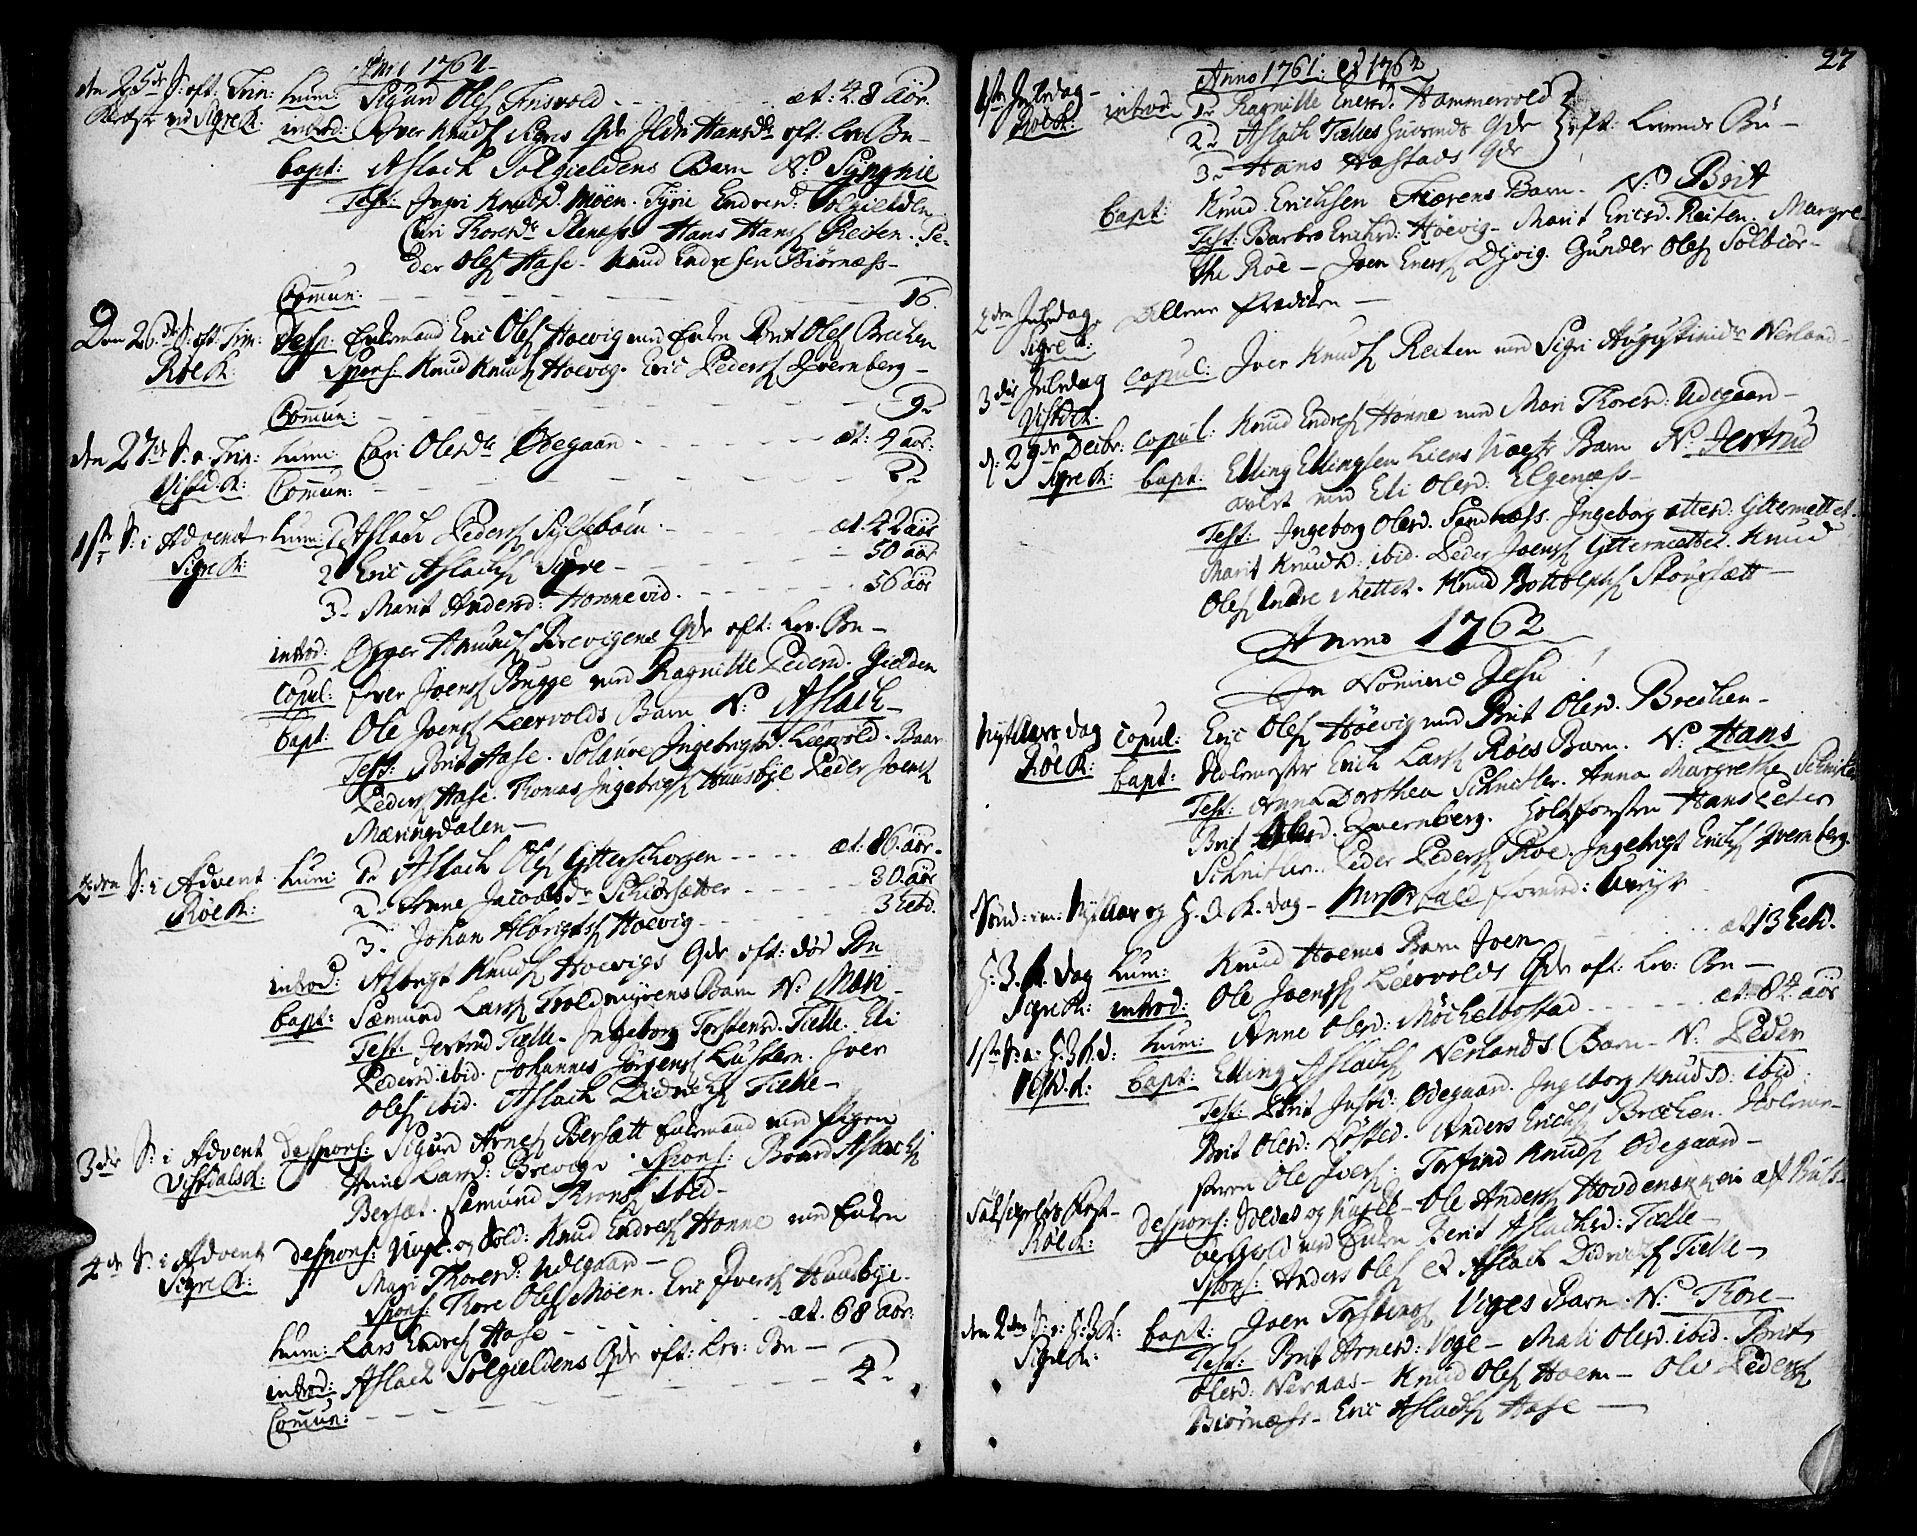 SAT, Ministerialprotokoller, klokkerbøker og fødselsregistre - Møre og Romsdal, 551/L0621: Ministerialbok nr. 551A01, 1757-1803, s. 27